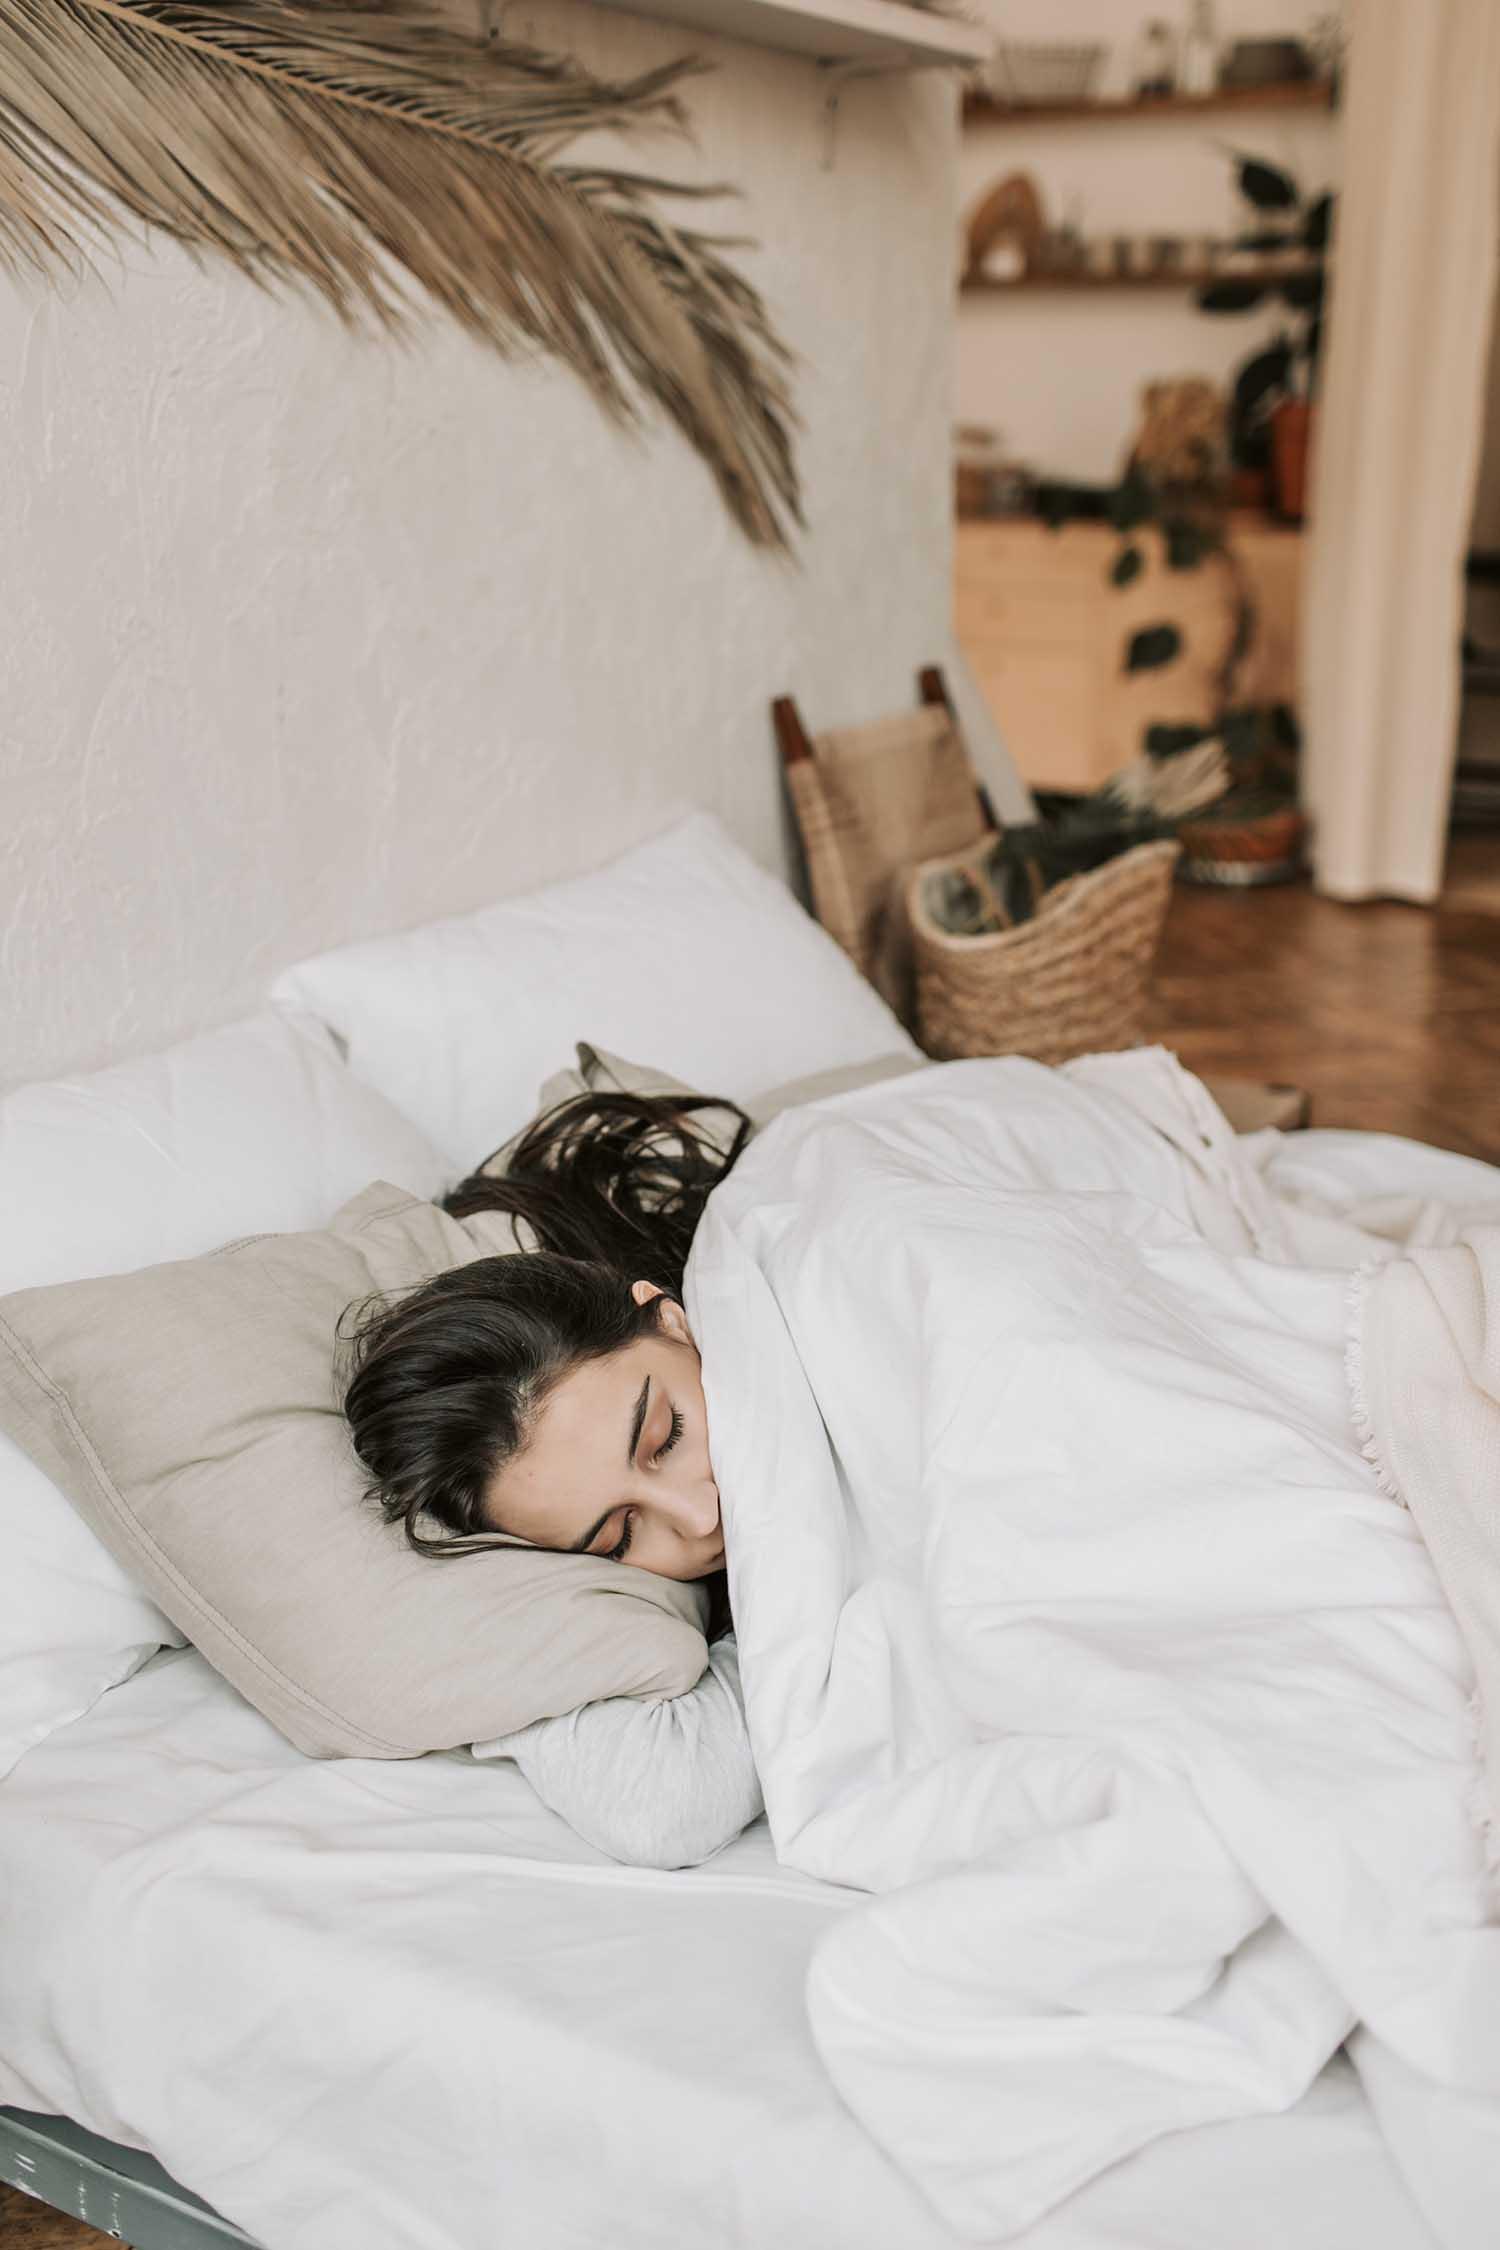 ngủ đủ giấc để kiềm chế cảm xúc